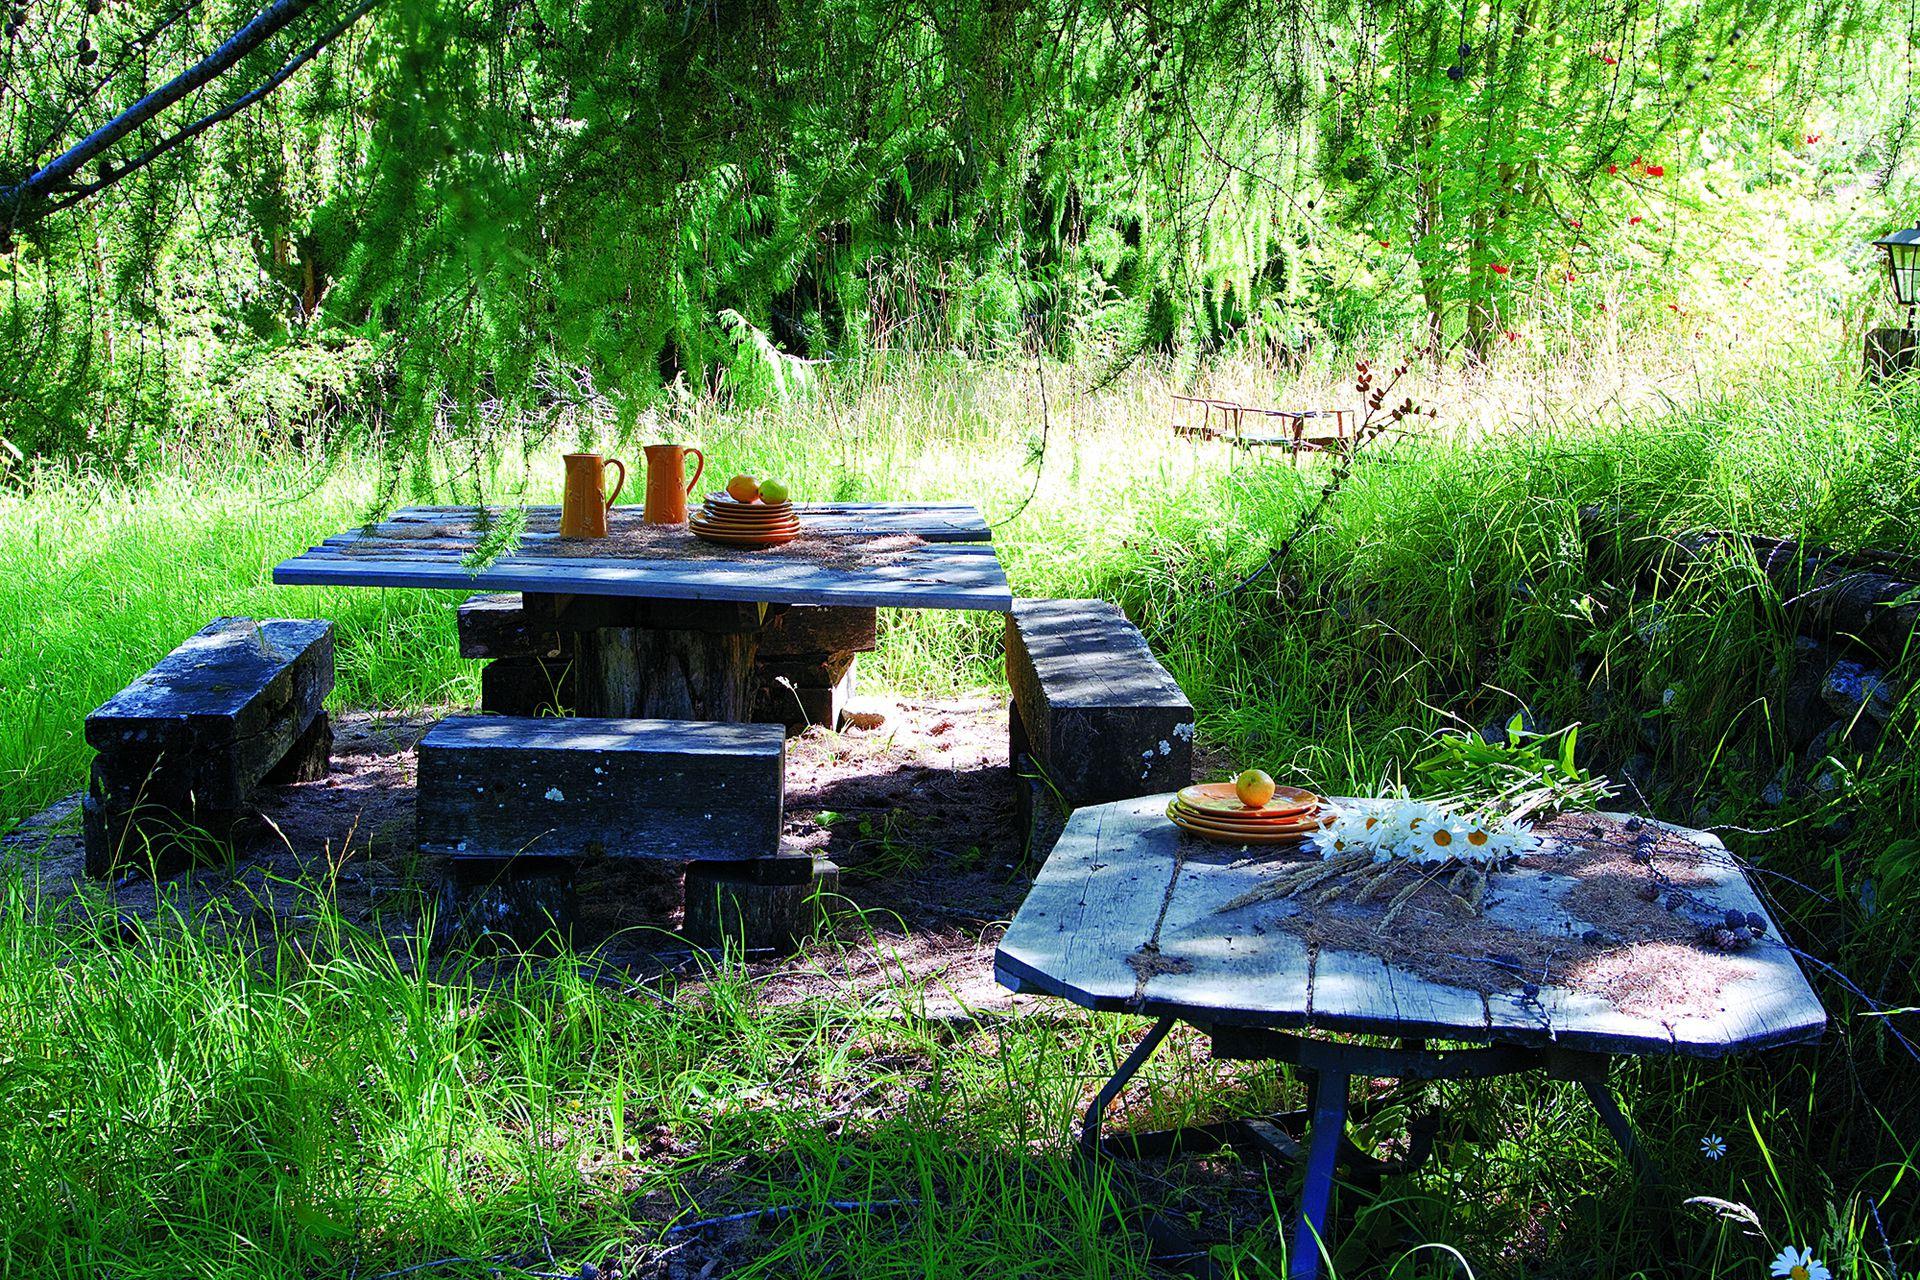 En la parte más silvestre del jardín, zona de reunión y descanso alrededor de una mesa con bancos de madera.